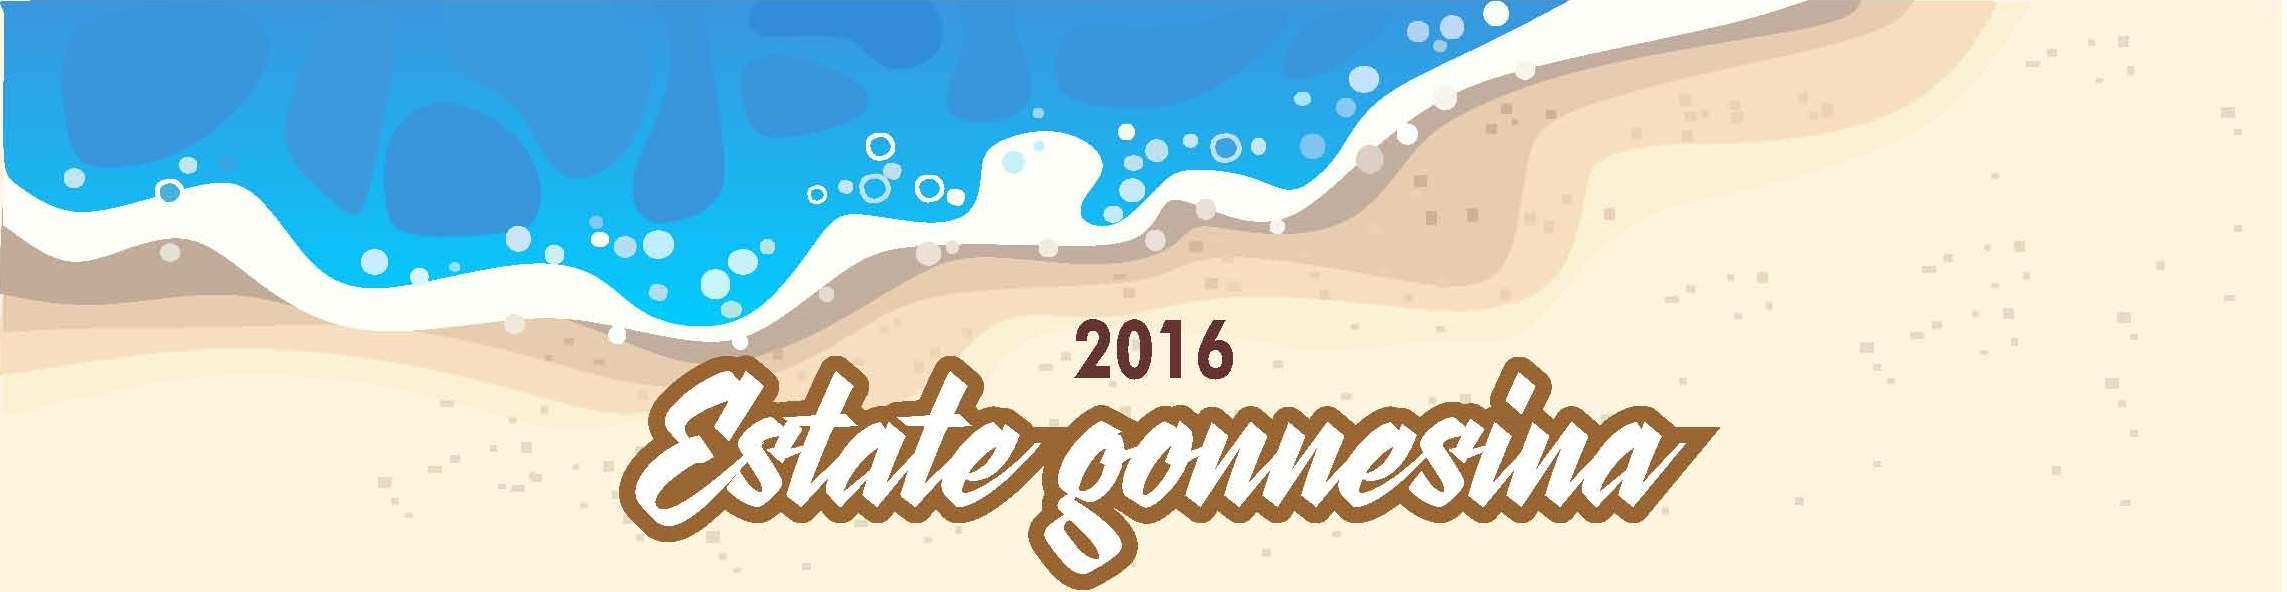 Estate Gonnesina 2016